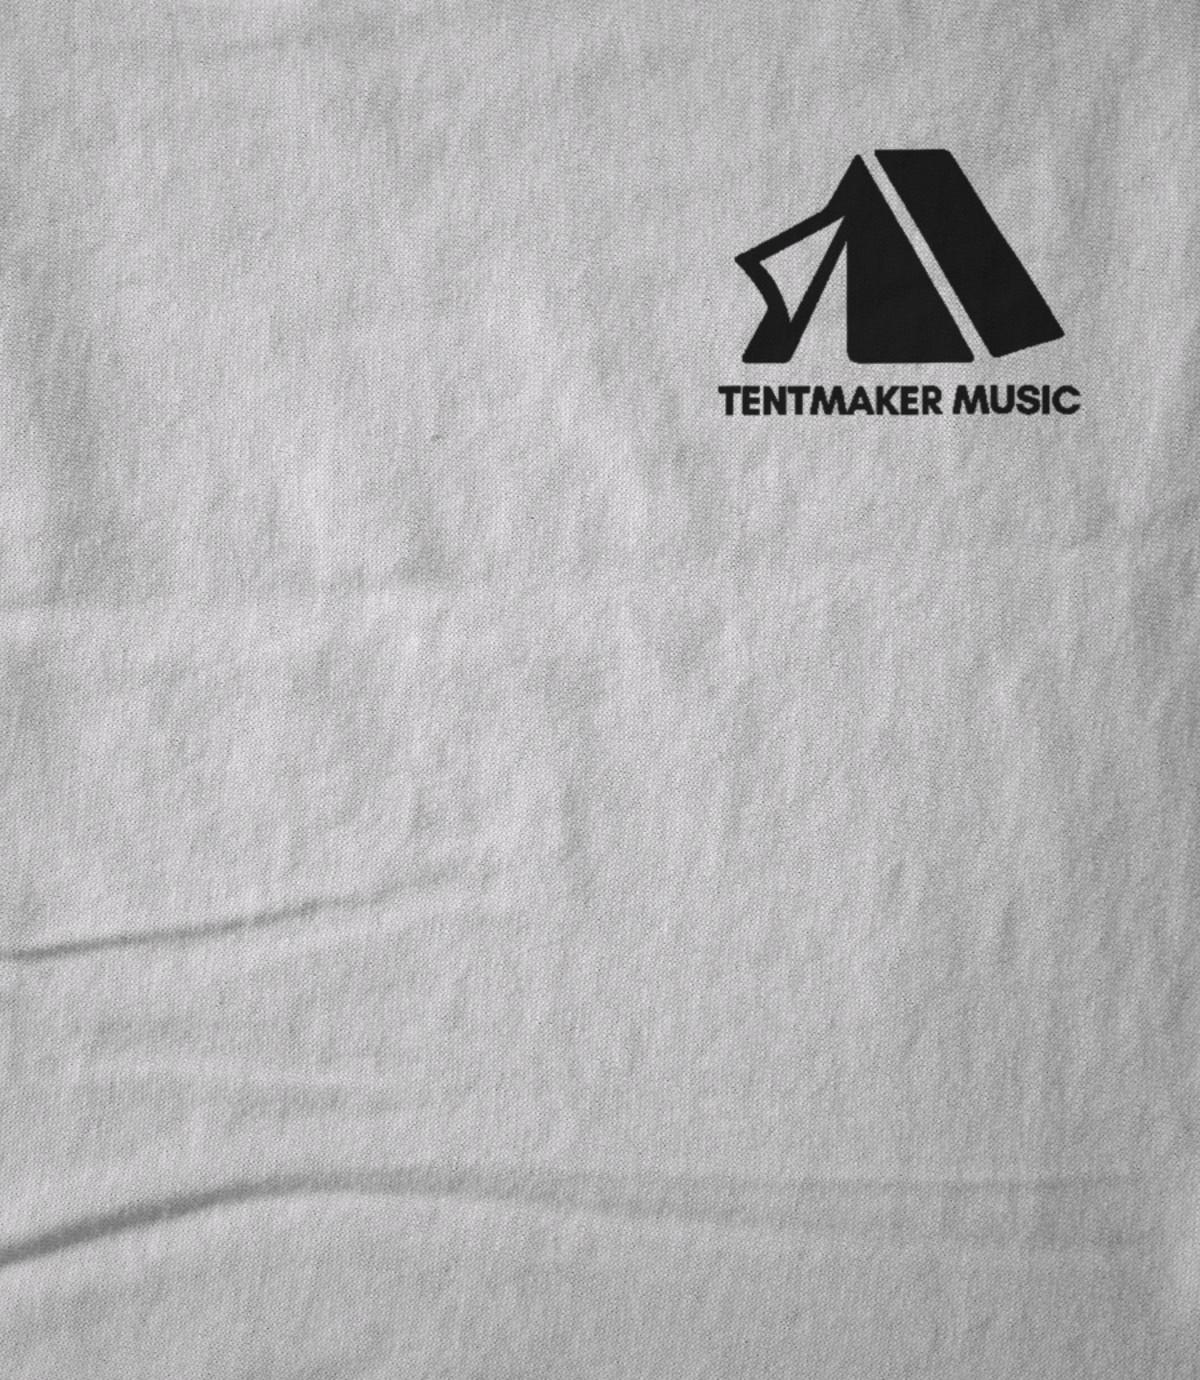 Tentmaker tentmaker logo 1537669906